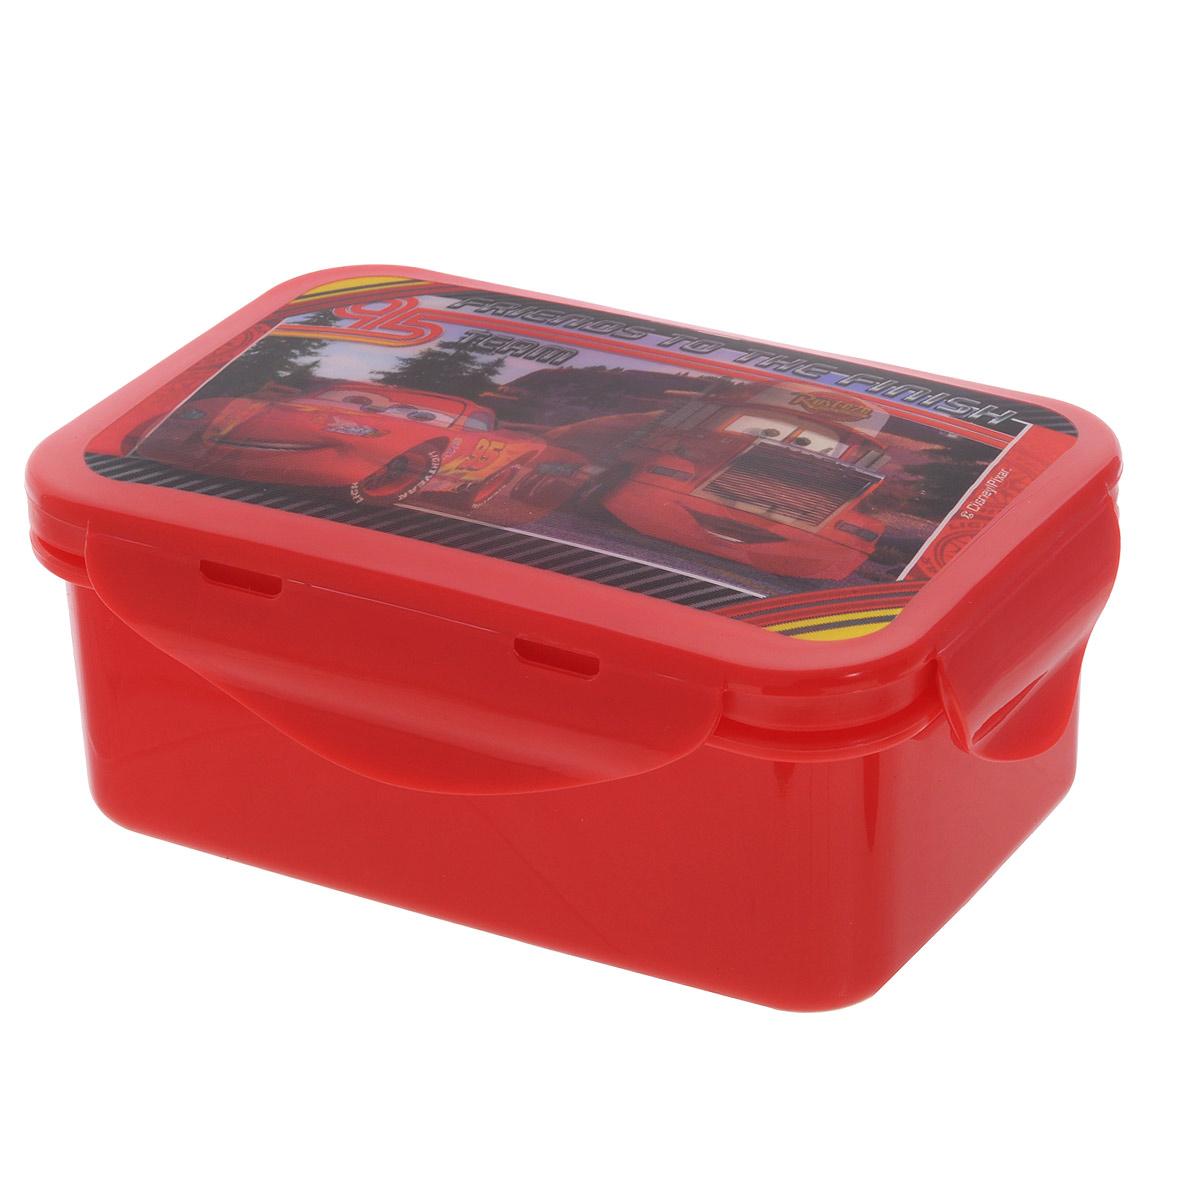 Бутербродница Disney Тачки, цвет: красный, 15 см х 10 см х 6 см722C2VБутербродница Disney Тачки выполнена из высококачественного пищевого пластика, что очень удобно и безопасно для детей, так как пластик не бьется. Крышка оформлена объемным изображением героев мультфильма Тачки, которое меняется под разным углом зрения. Крышка плотно закрывается на 4 защелки, а благодаря силиконовой прослойке дольше сохраняет пищу свежей и вкусной. Контейнер имеет прямоугольную форму, идеально подходит для бутербродов, салатов и закусок. Такая бутербродница позволит перекусить любимым домашним бутербродом где угодно: в школе, в походе, поездке, на пикнике. Не занимает много места и легко помещается в любую сумку. Нельзя использовать в СВЧ и мыть в посудомоечной машине. Изготовлено по лицензии Walt Disney.